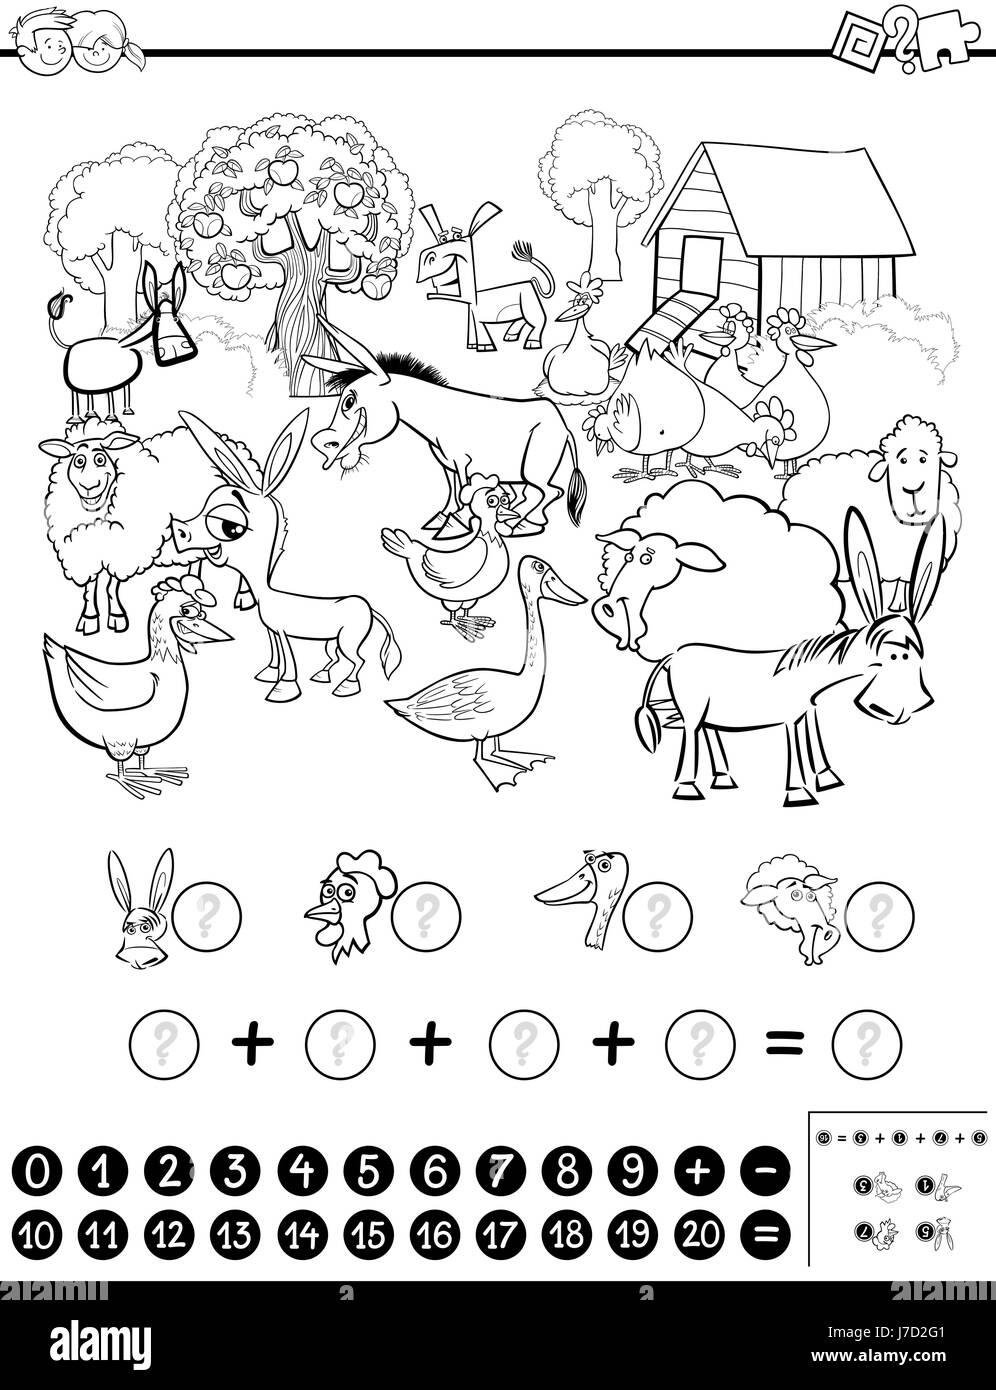 Ilustración caricatura en blanco y negro de la actividad matemática ...